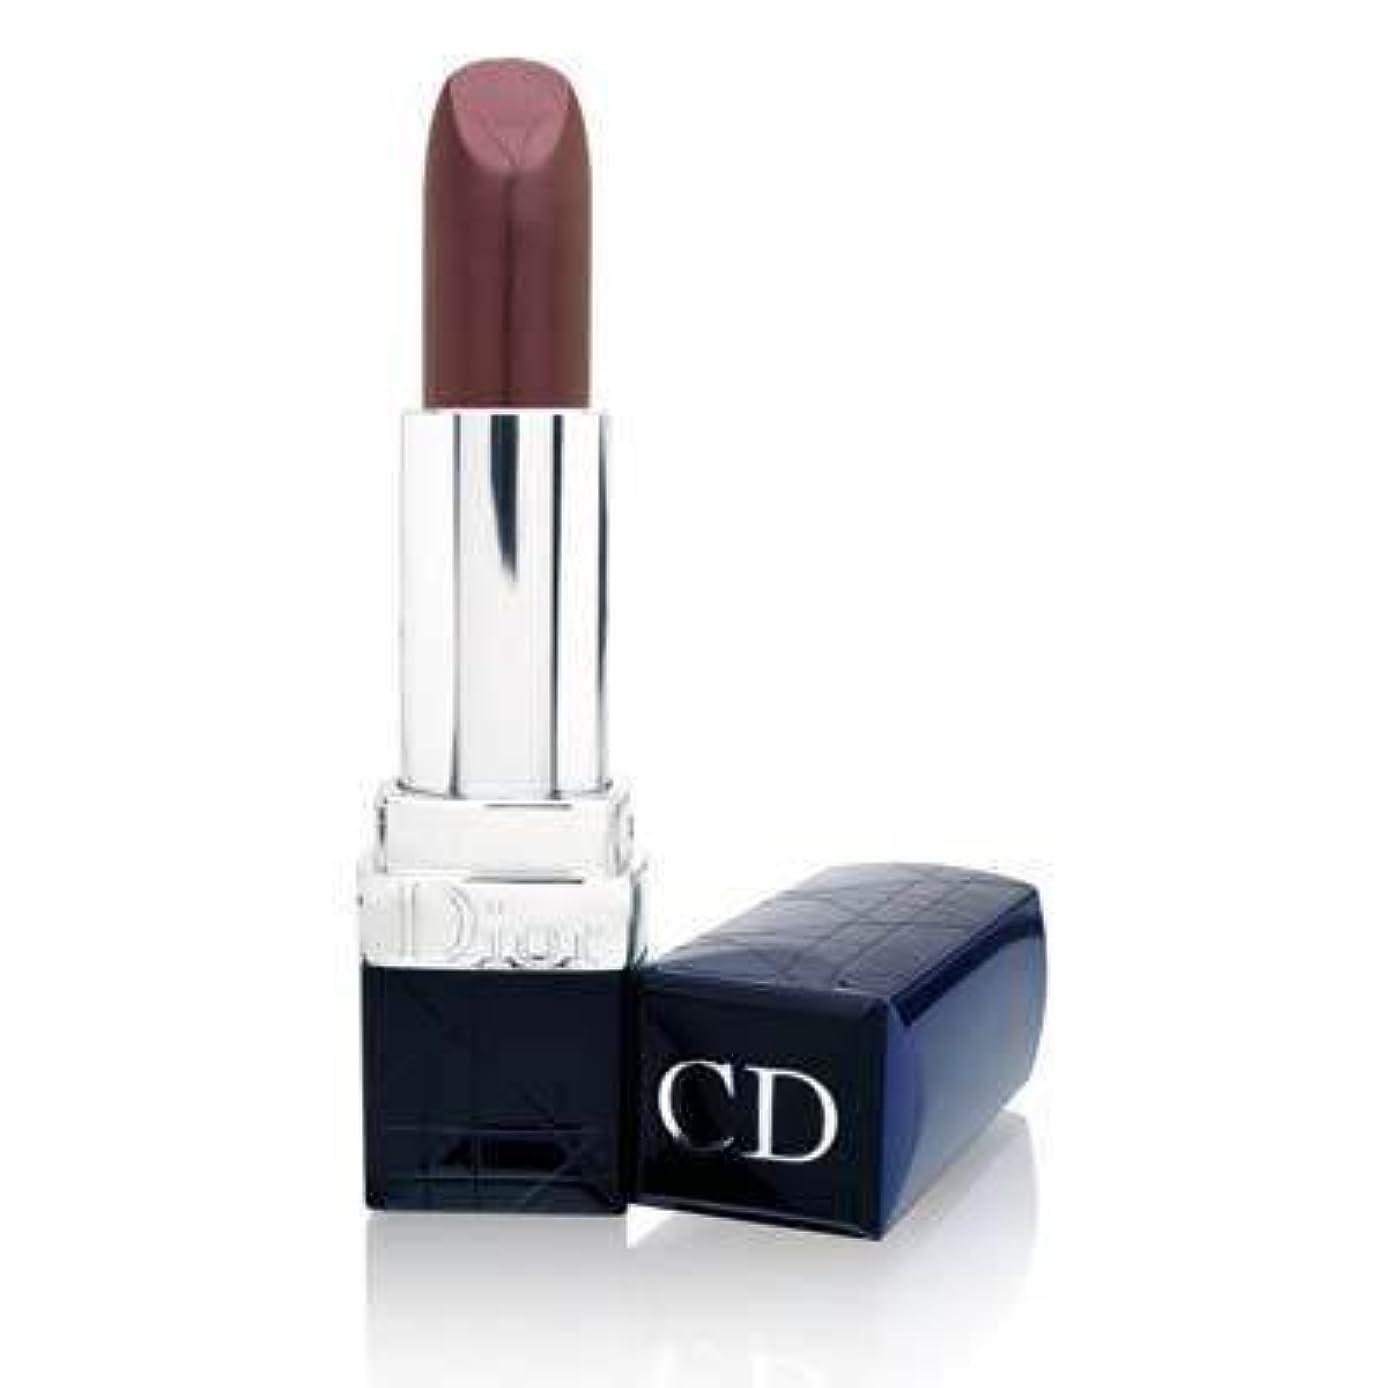 書き出す達成する好きRouge Dior Replenishing Lipstick 966 Purple Sultan Satin(ルージュディオール リプレニッシング リップスティック 966 パープル スルタン サテン)[海外直送品]...